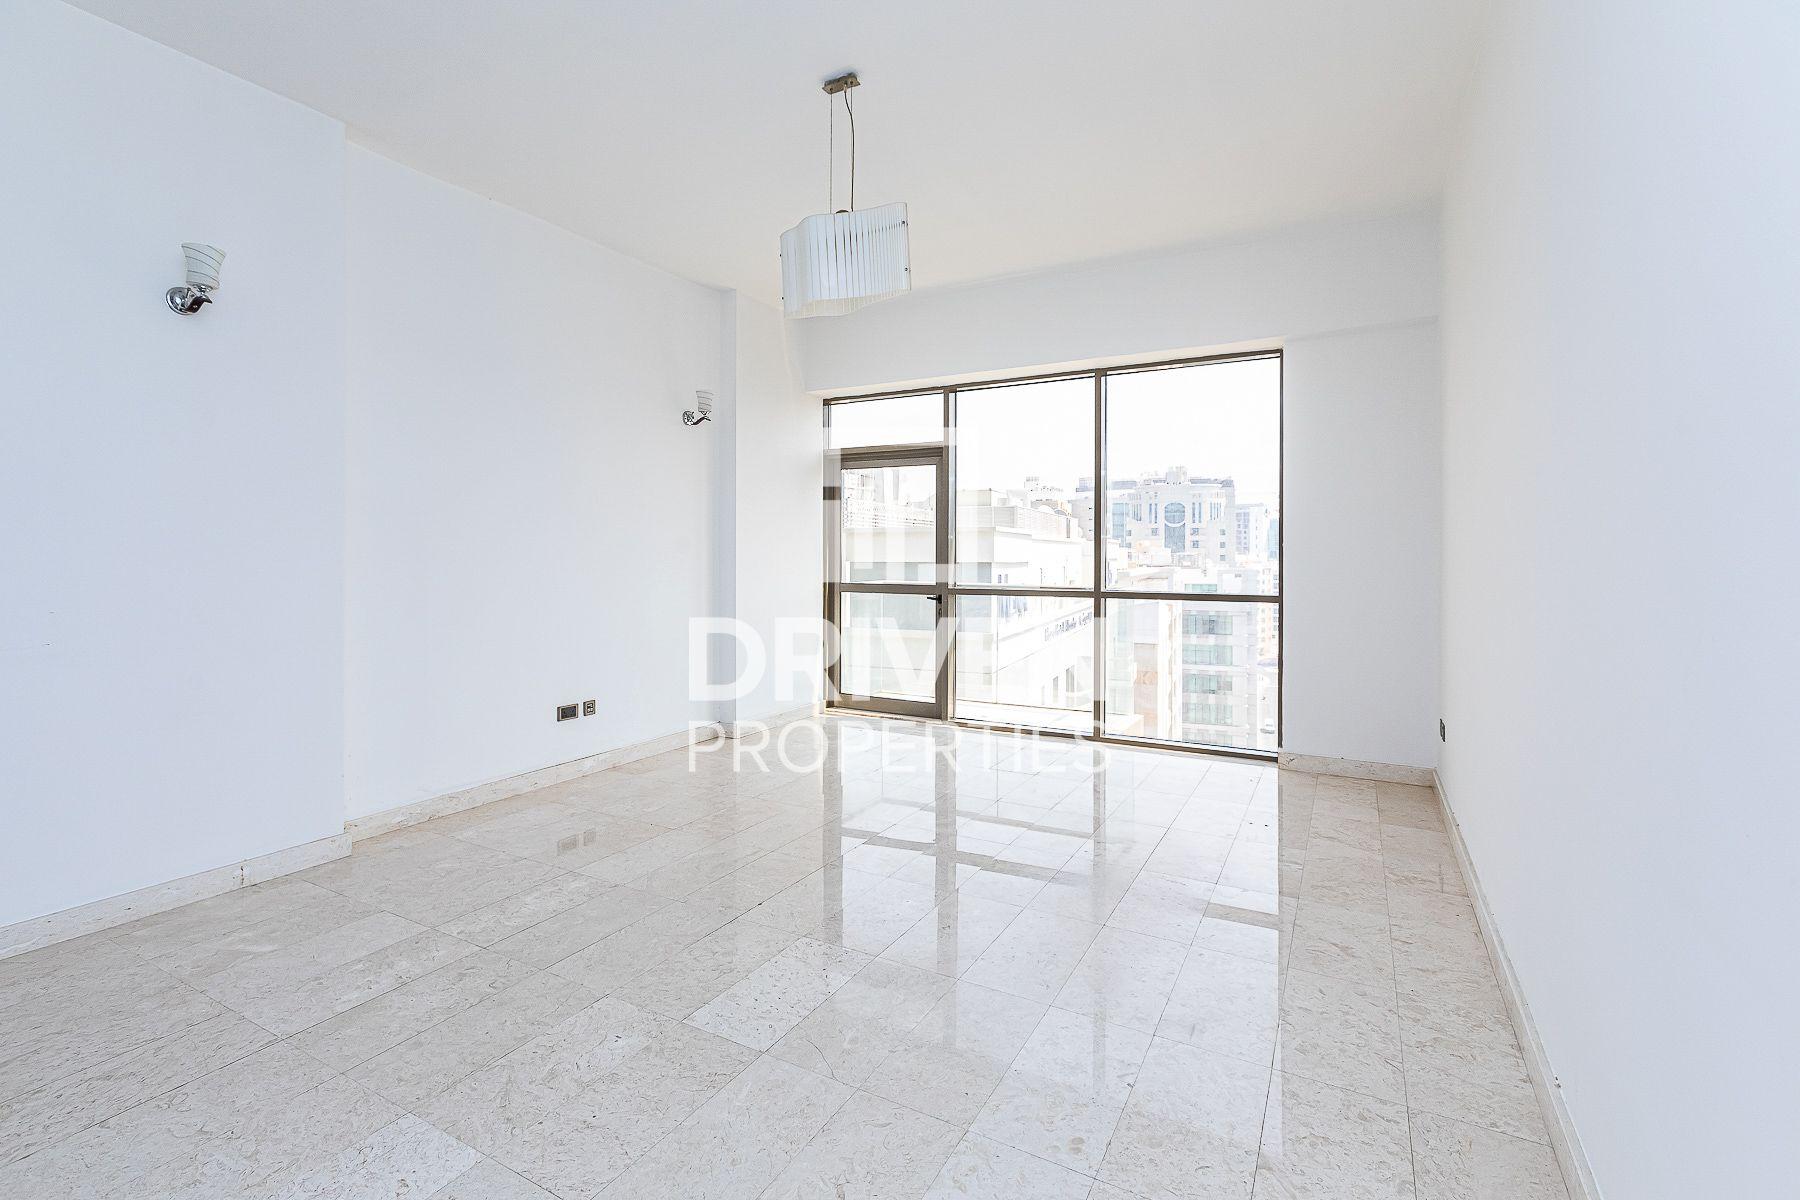 834 قدم مربع  شقة - للبيع - البرشاء